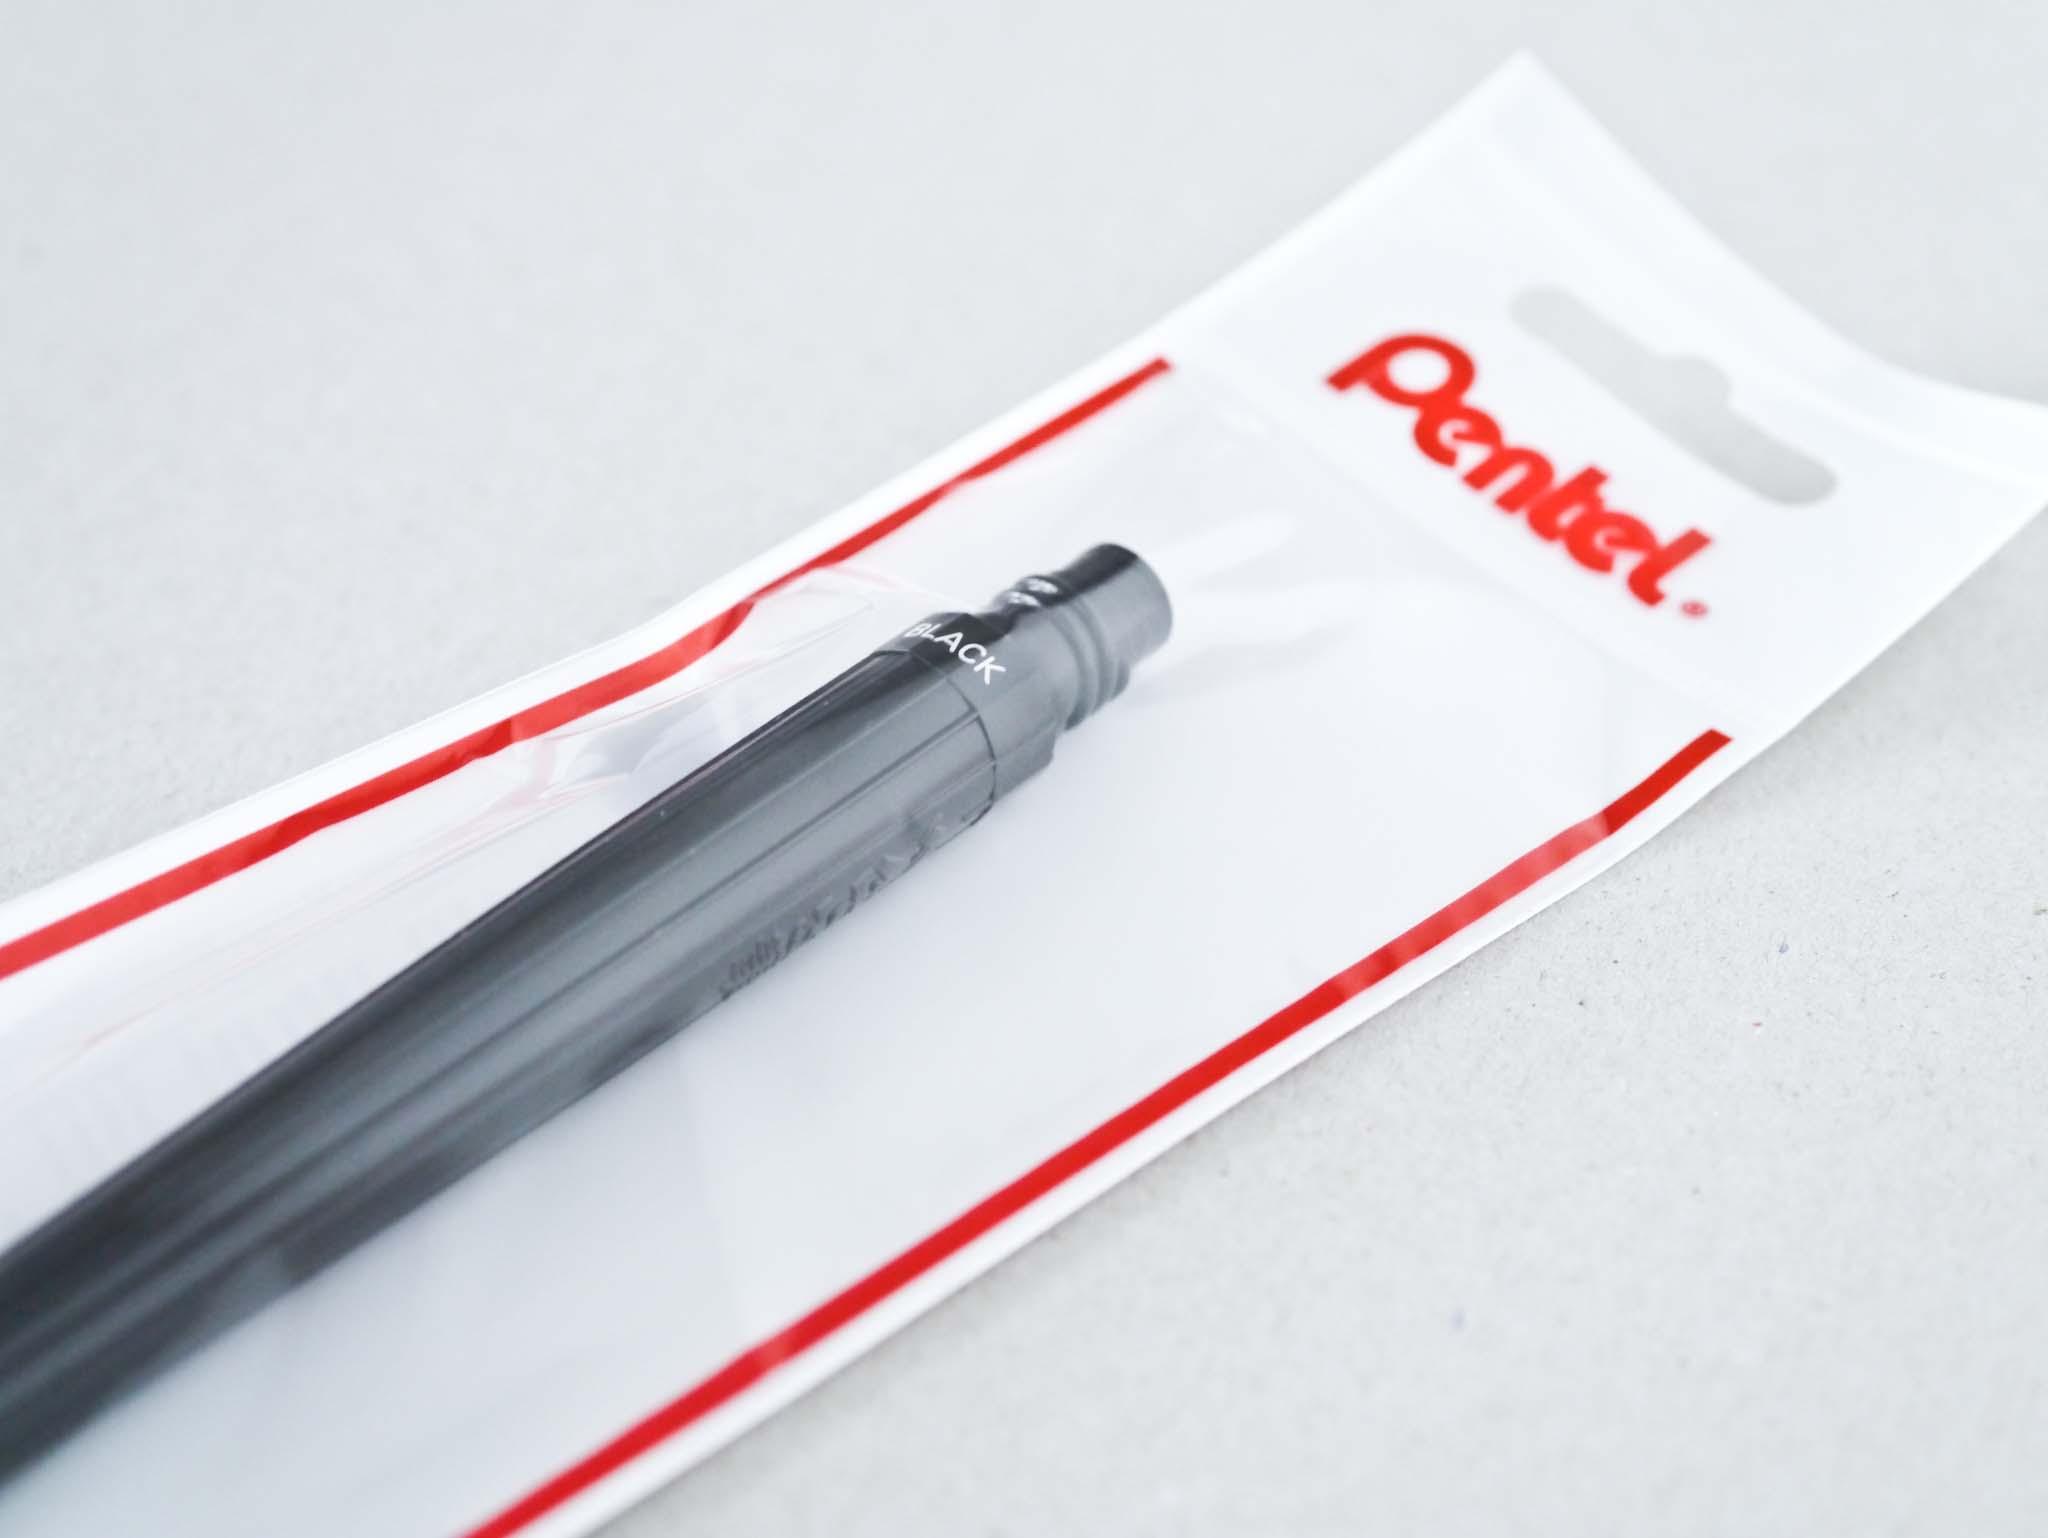 Pentel Color Brush Refill Sort